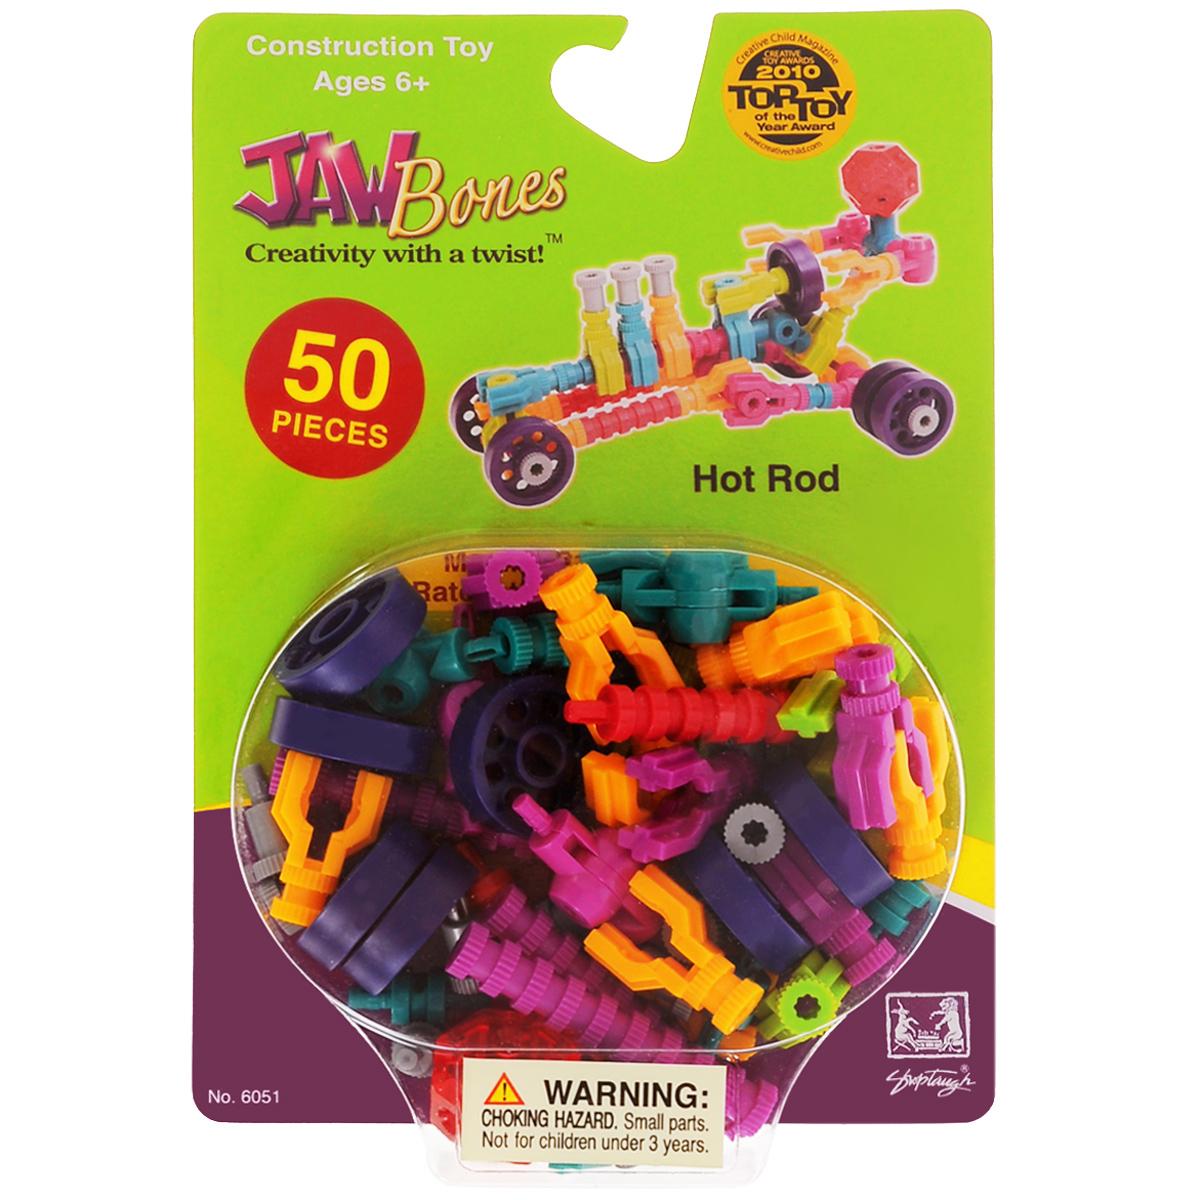 Jawbones Конструктор Гоночная машина6051Новый развивающий конструктор Jawbones непременно понравится вашему ребенку! При помощи красочных деталей, с уникальным креплением, можно собрать гоночную машину в оригинальном и неповторимом стиле. Конструктор состоит из 50 элементов разного размера, цвета и назначения. Ваш ребенок с удовольствием будет играть с конструктором, придумывая различные истории.